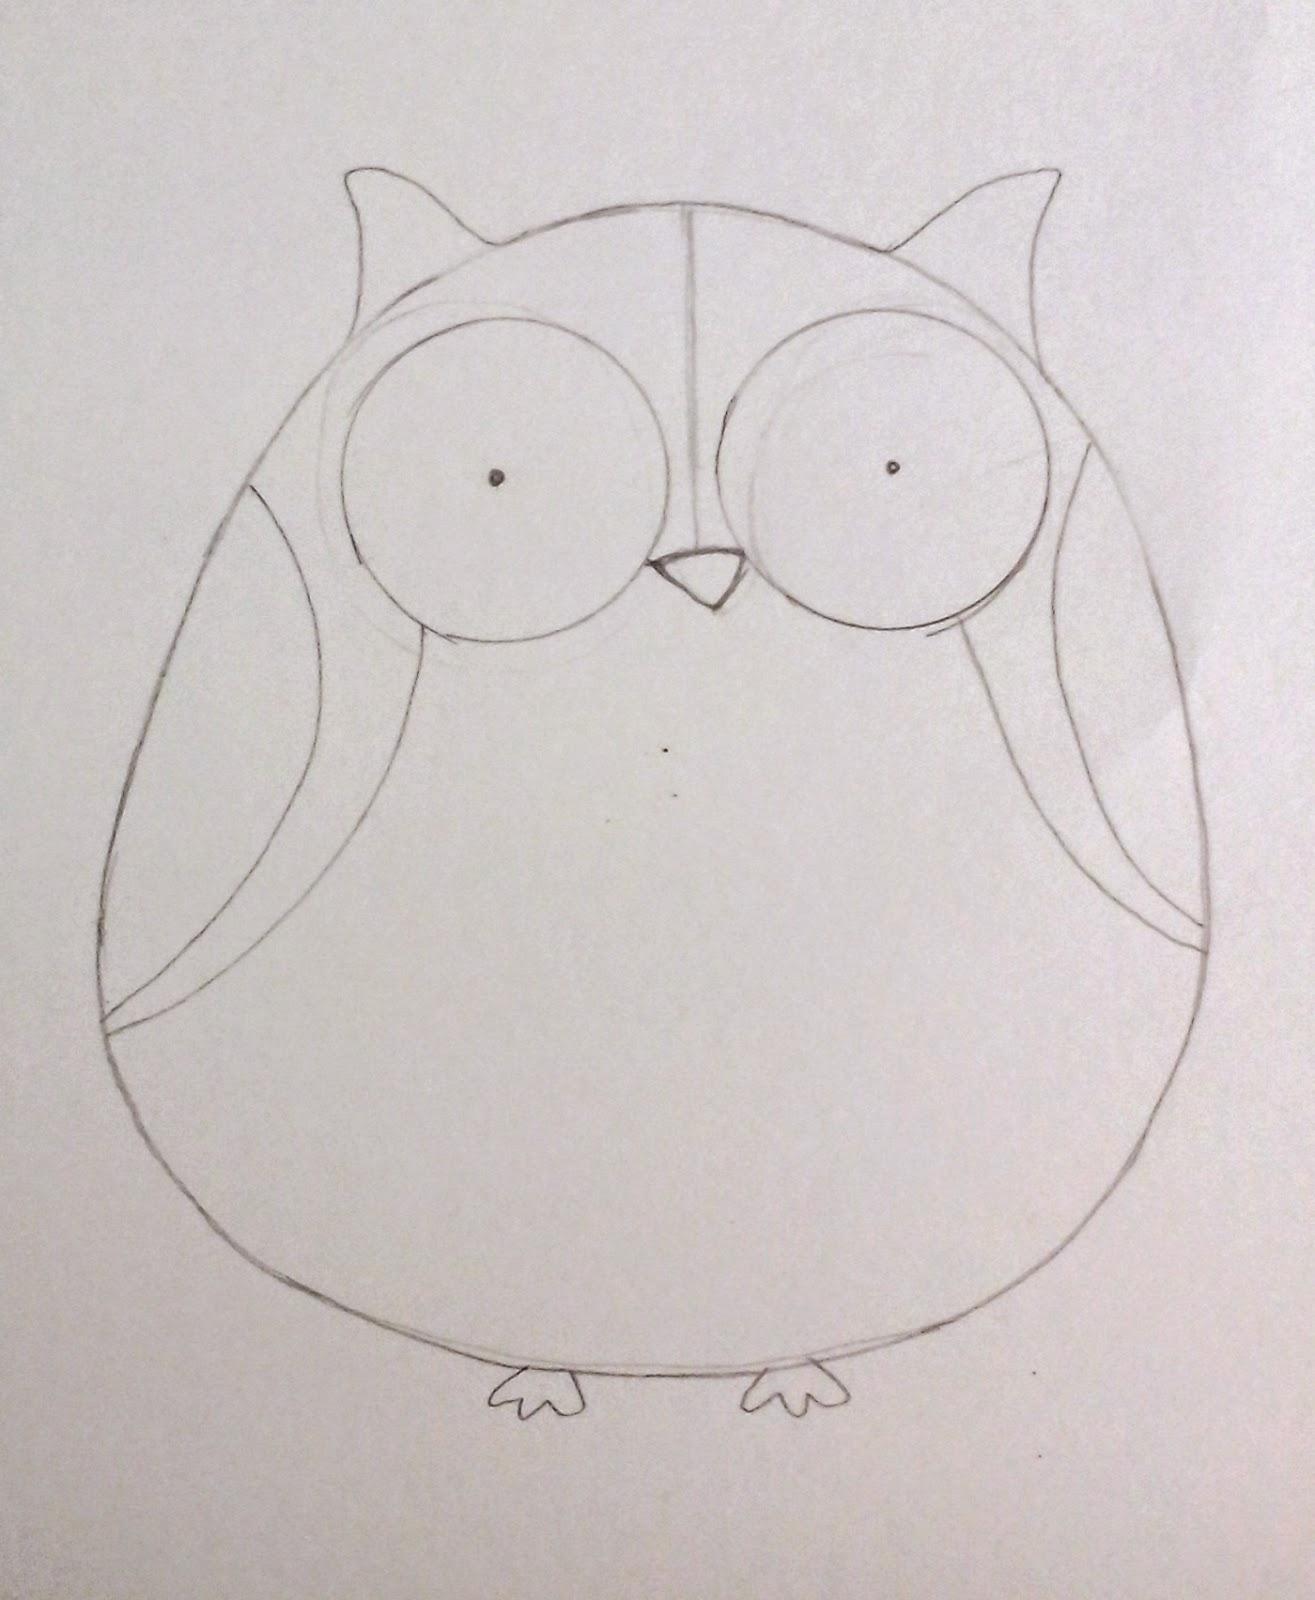 [tutorial] Cómo dibujar un búho con círculos